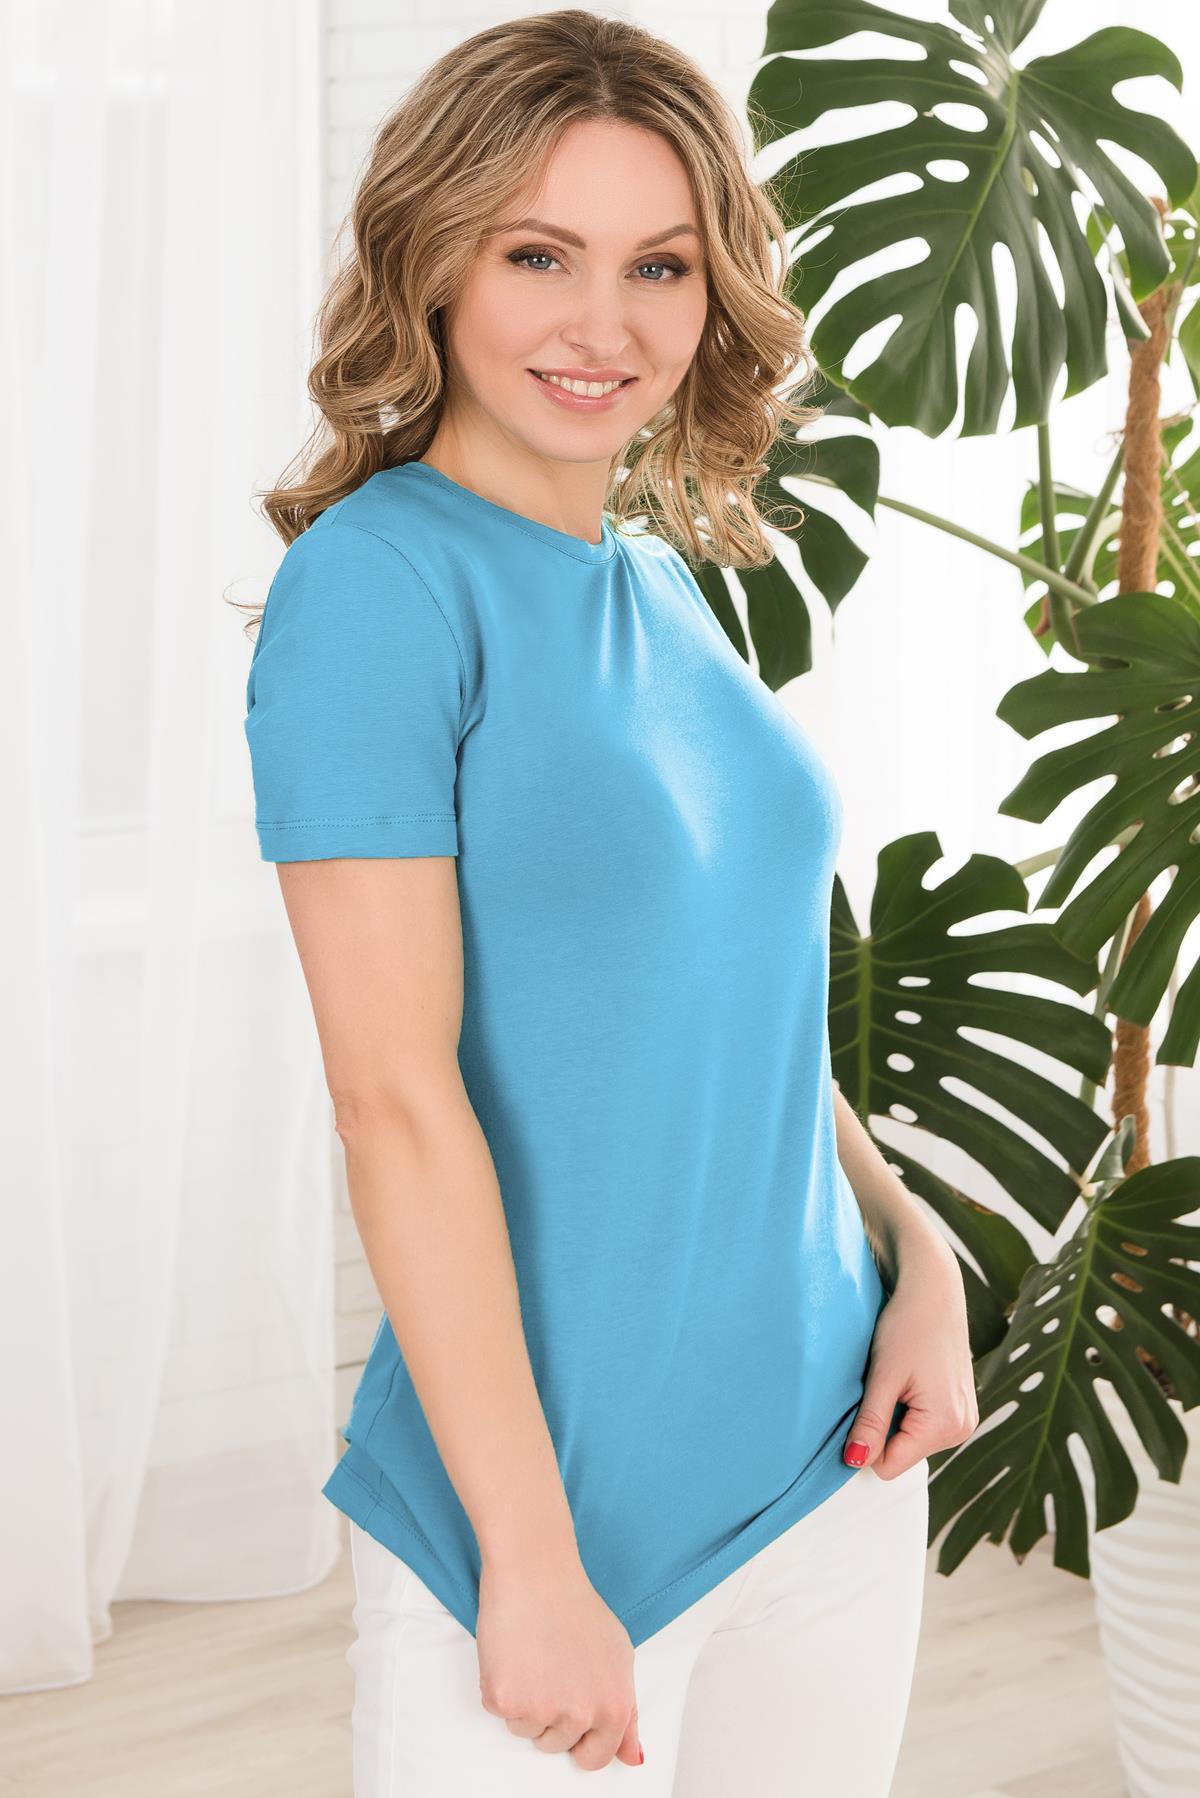 Жен. футболка арт. 19-0610 Голубой р. 52 Шарлиз